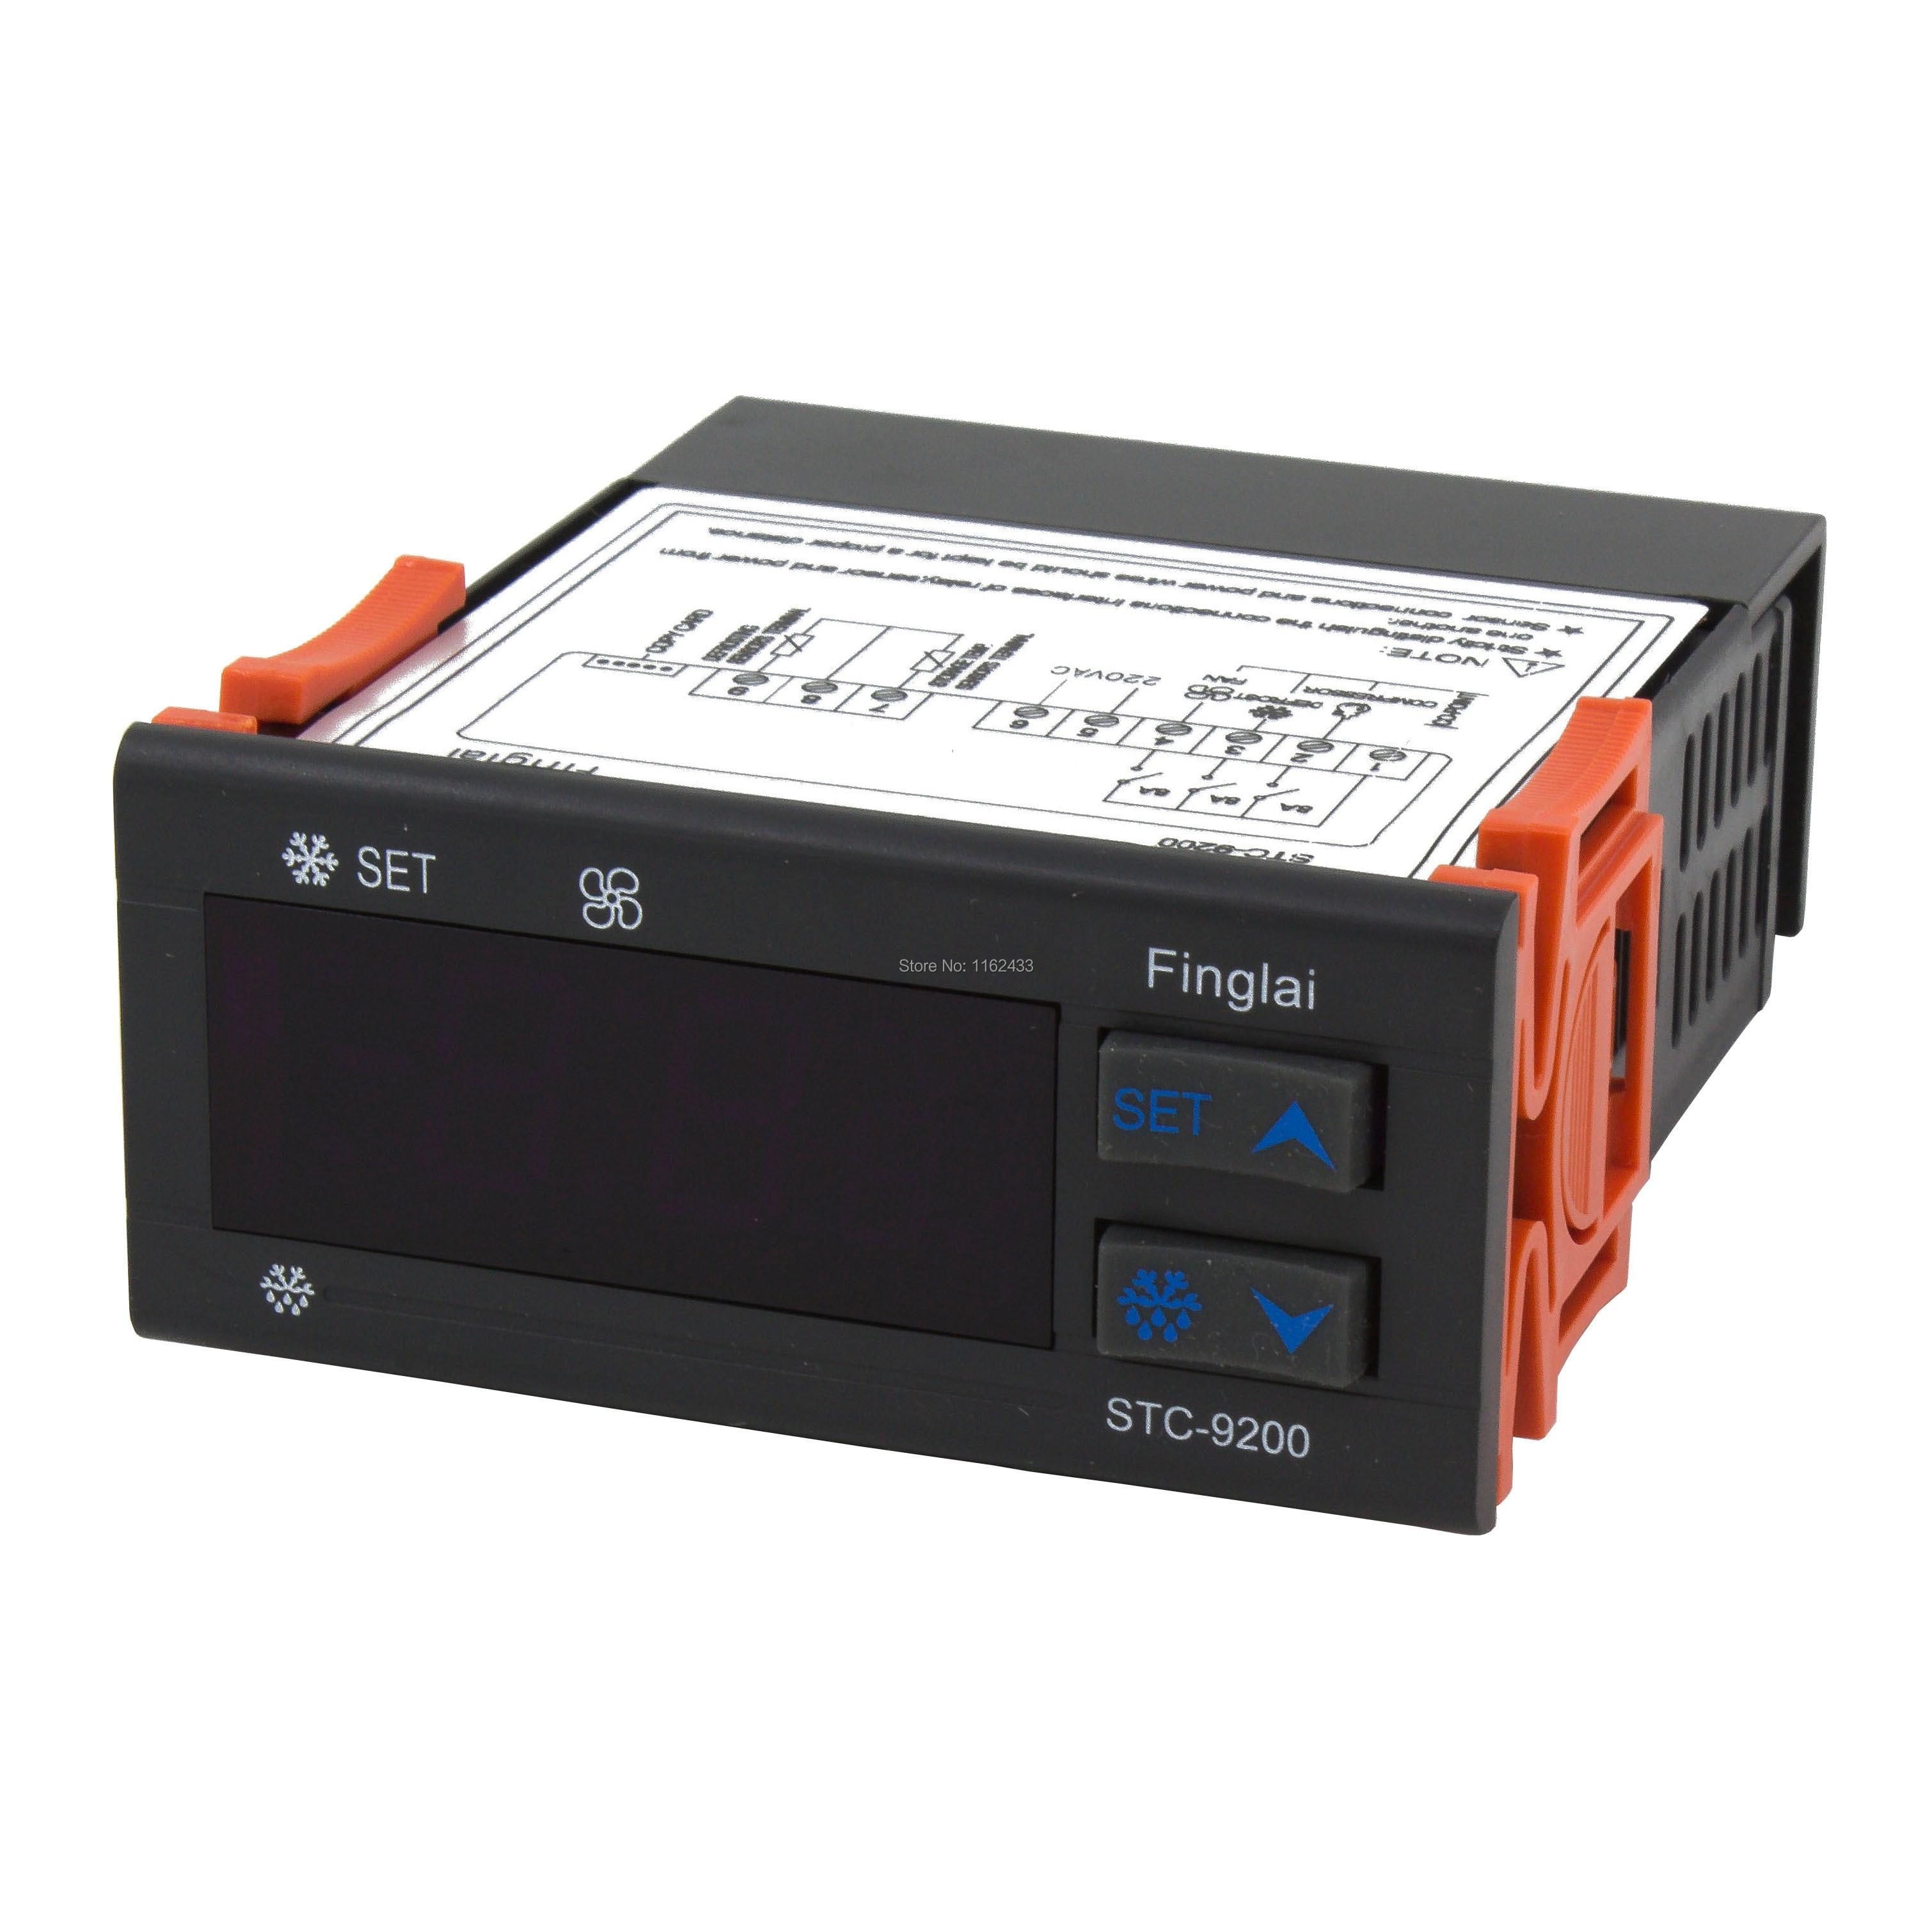 In Zielsetzung Stc-9200 Temperatur Controller Mit Kälte Abtauung Fan Alarm Funktion Und Zwei Sensoren Ac 220 V 110 V Ac/dc 24 V 12 V Novel Design;